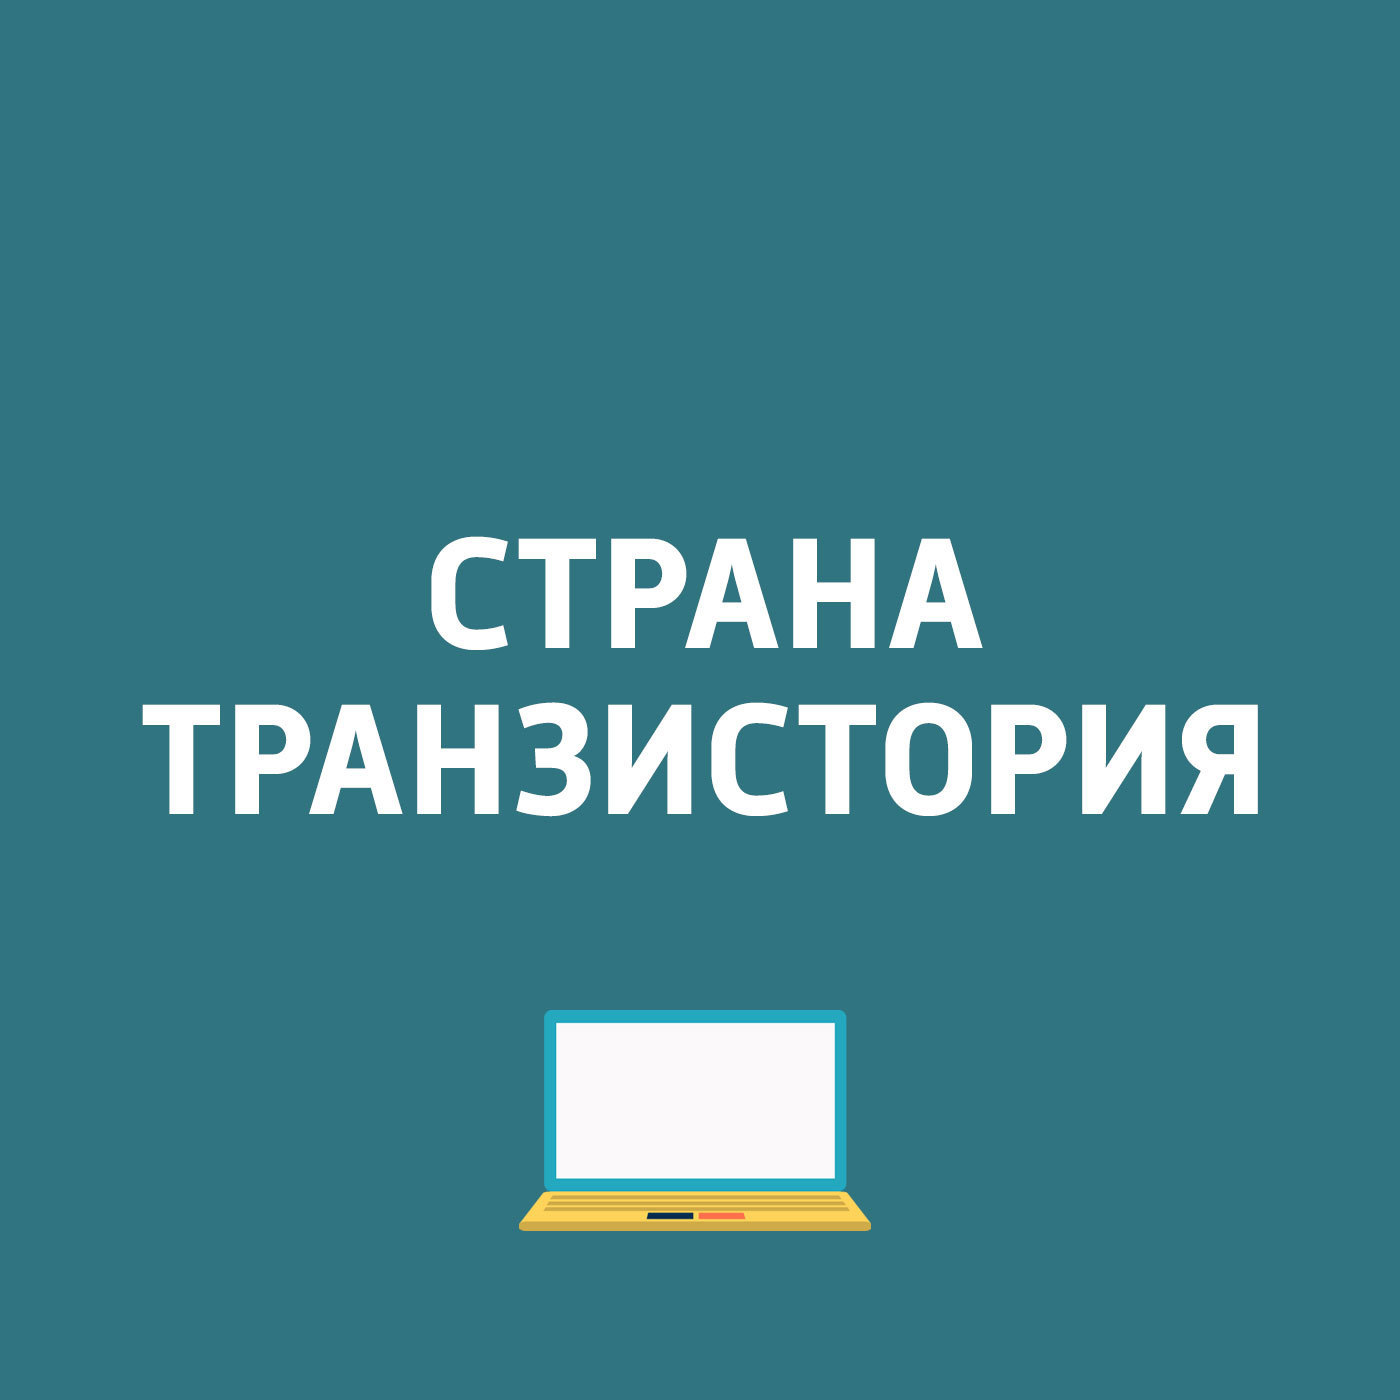 все цены на Картаев Павел Сегодня начались продажи смартфона NichePhone-S; Яндекс.Заправки; Поиграть в LawBreakers можно бесплатно до конца выходных